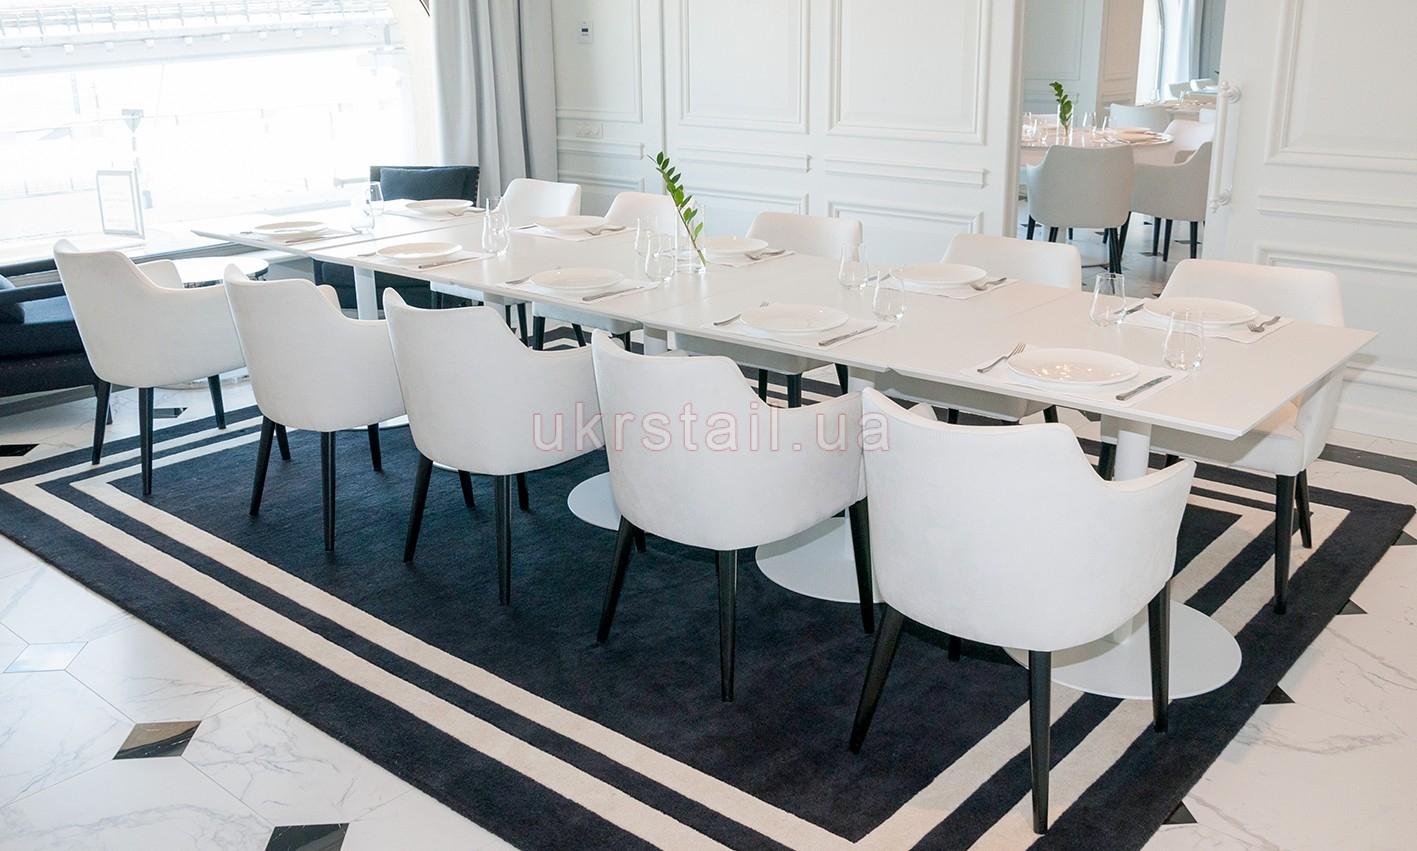 Интерьер банкетного зала Vogue Cafe Kiev в гостинице Fairmont 13